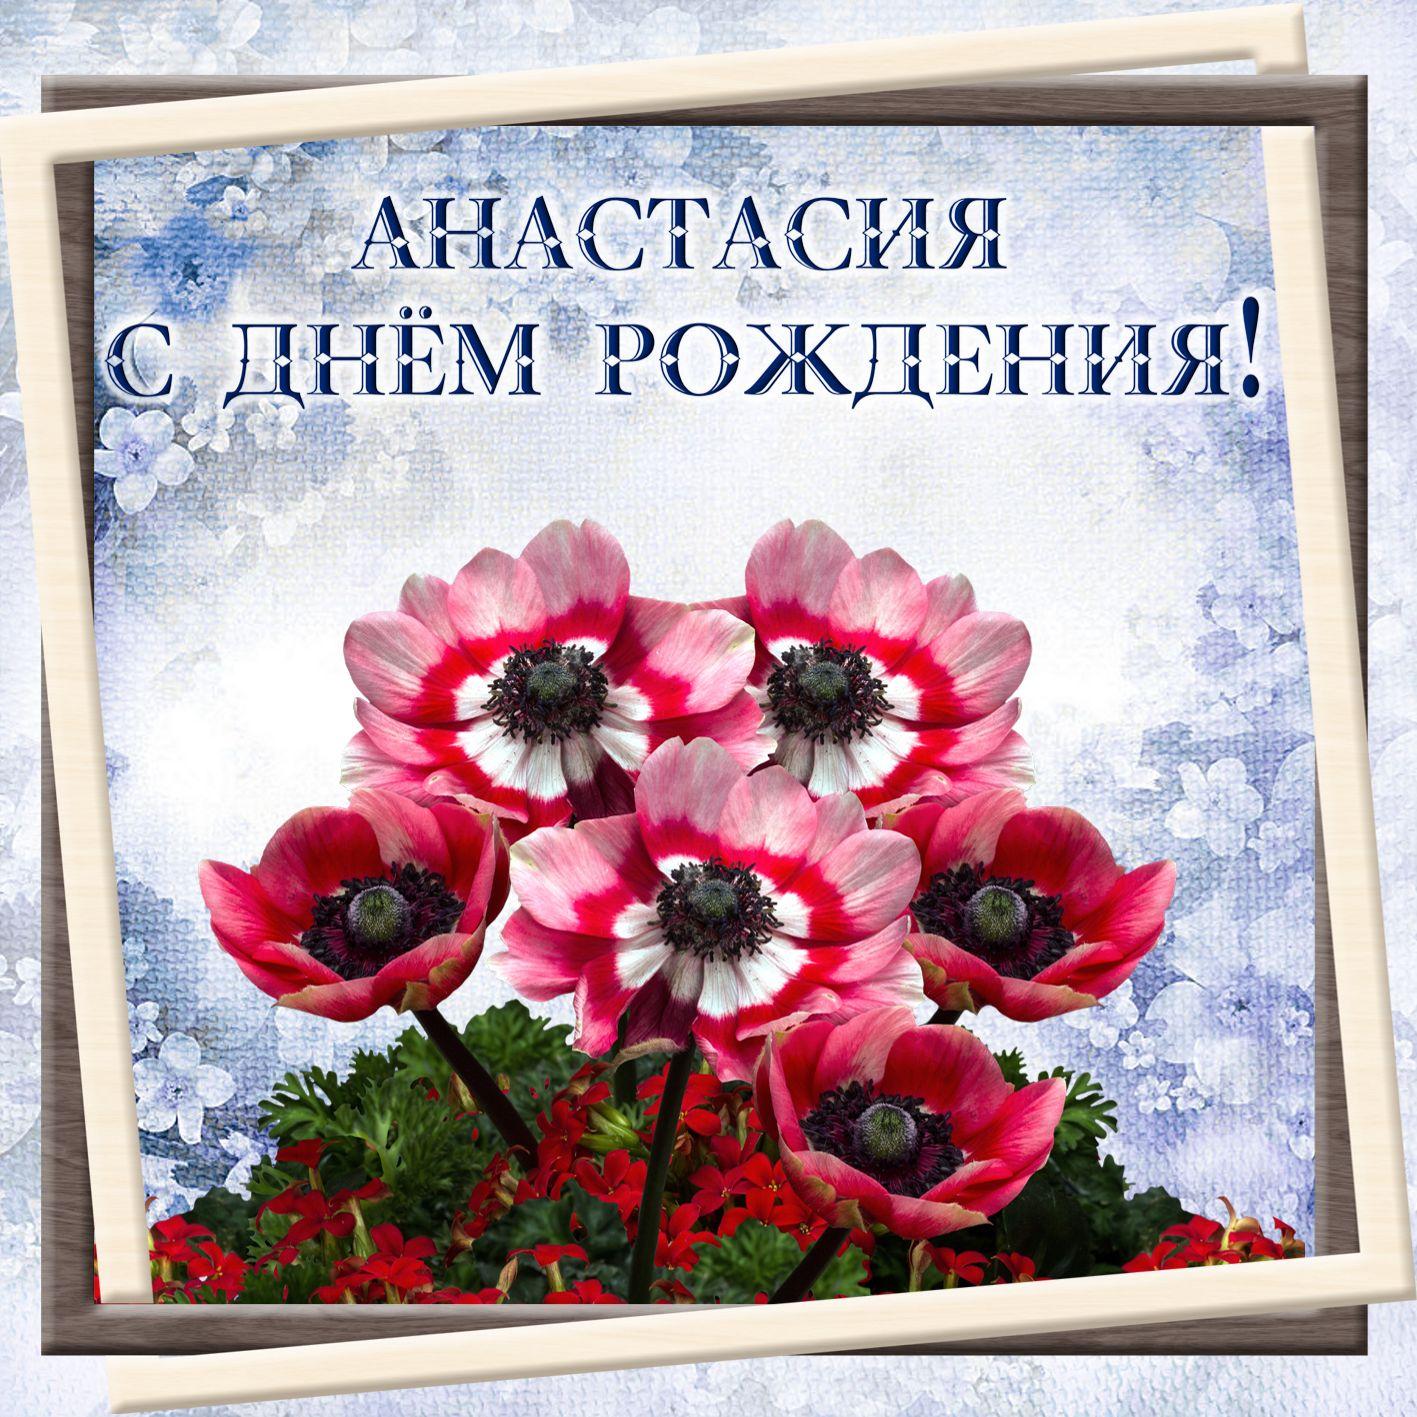 Открытка на день рождения - красивые цветы в рамке для Анастасии